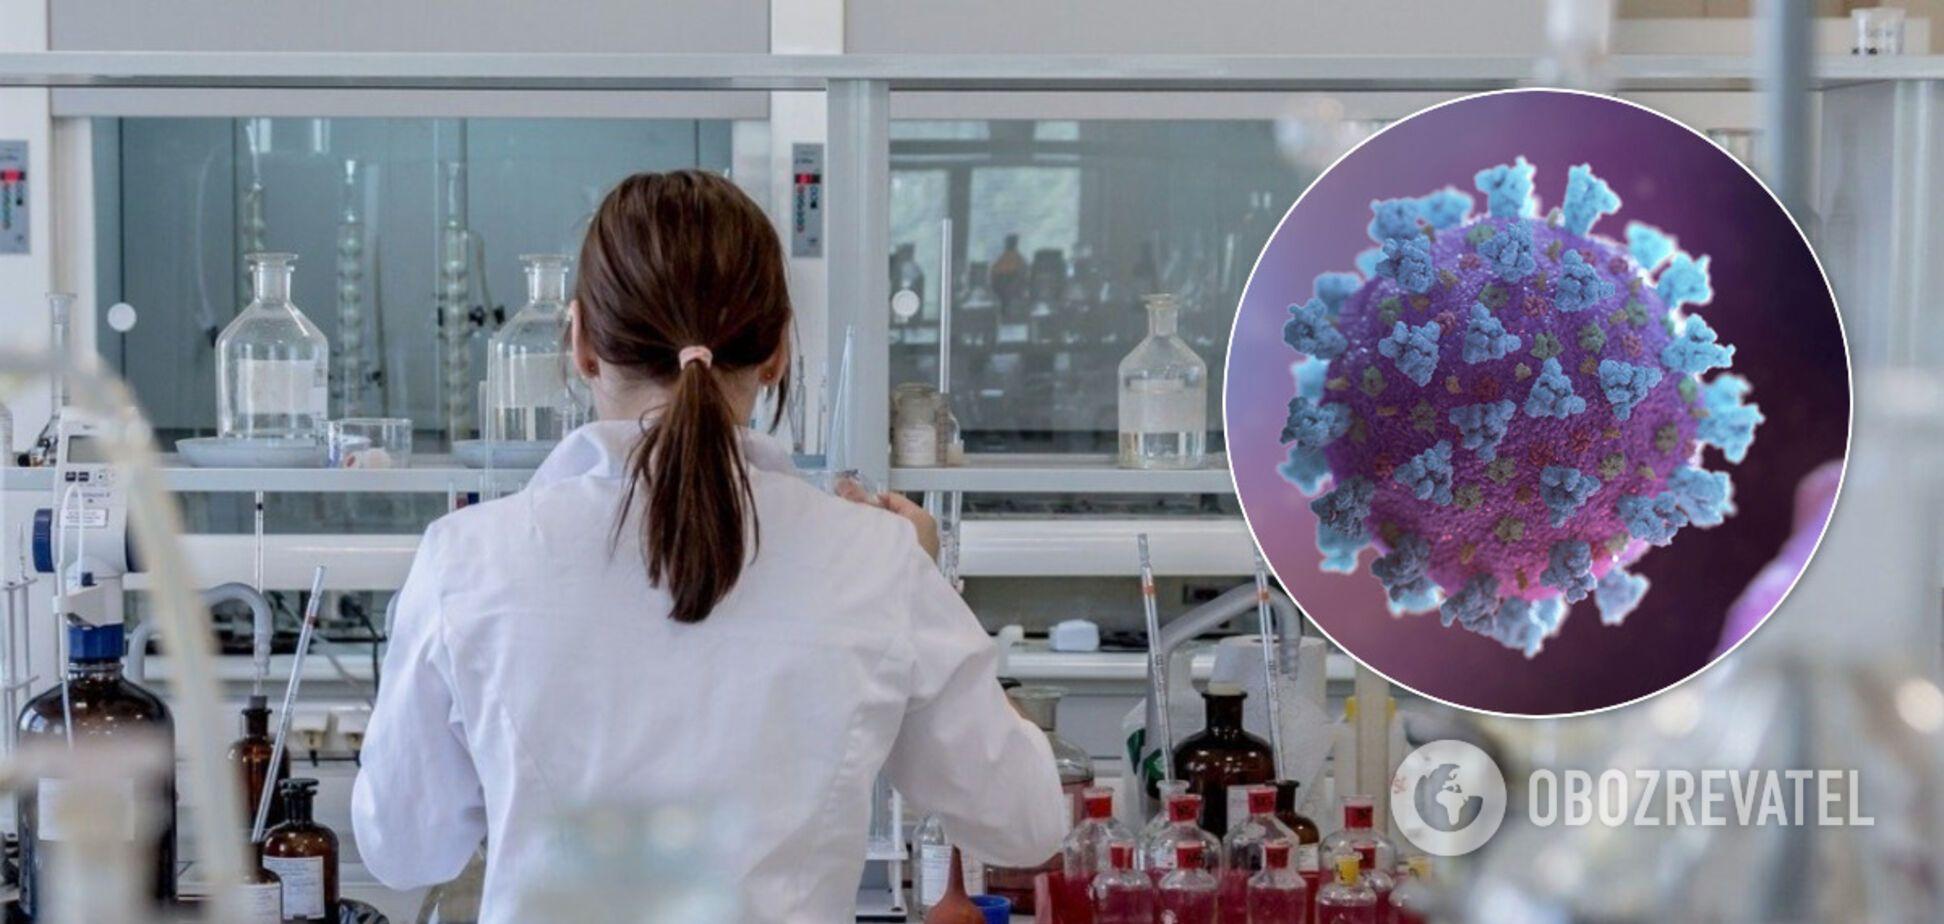 Названа главная причина пандемии коронавируса в Украине: эксперты раскрыли правду о тестах